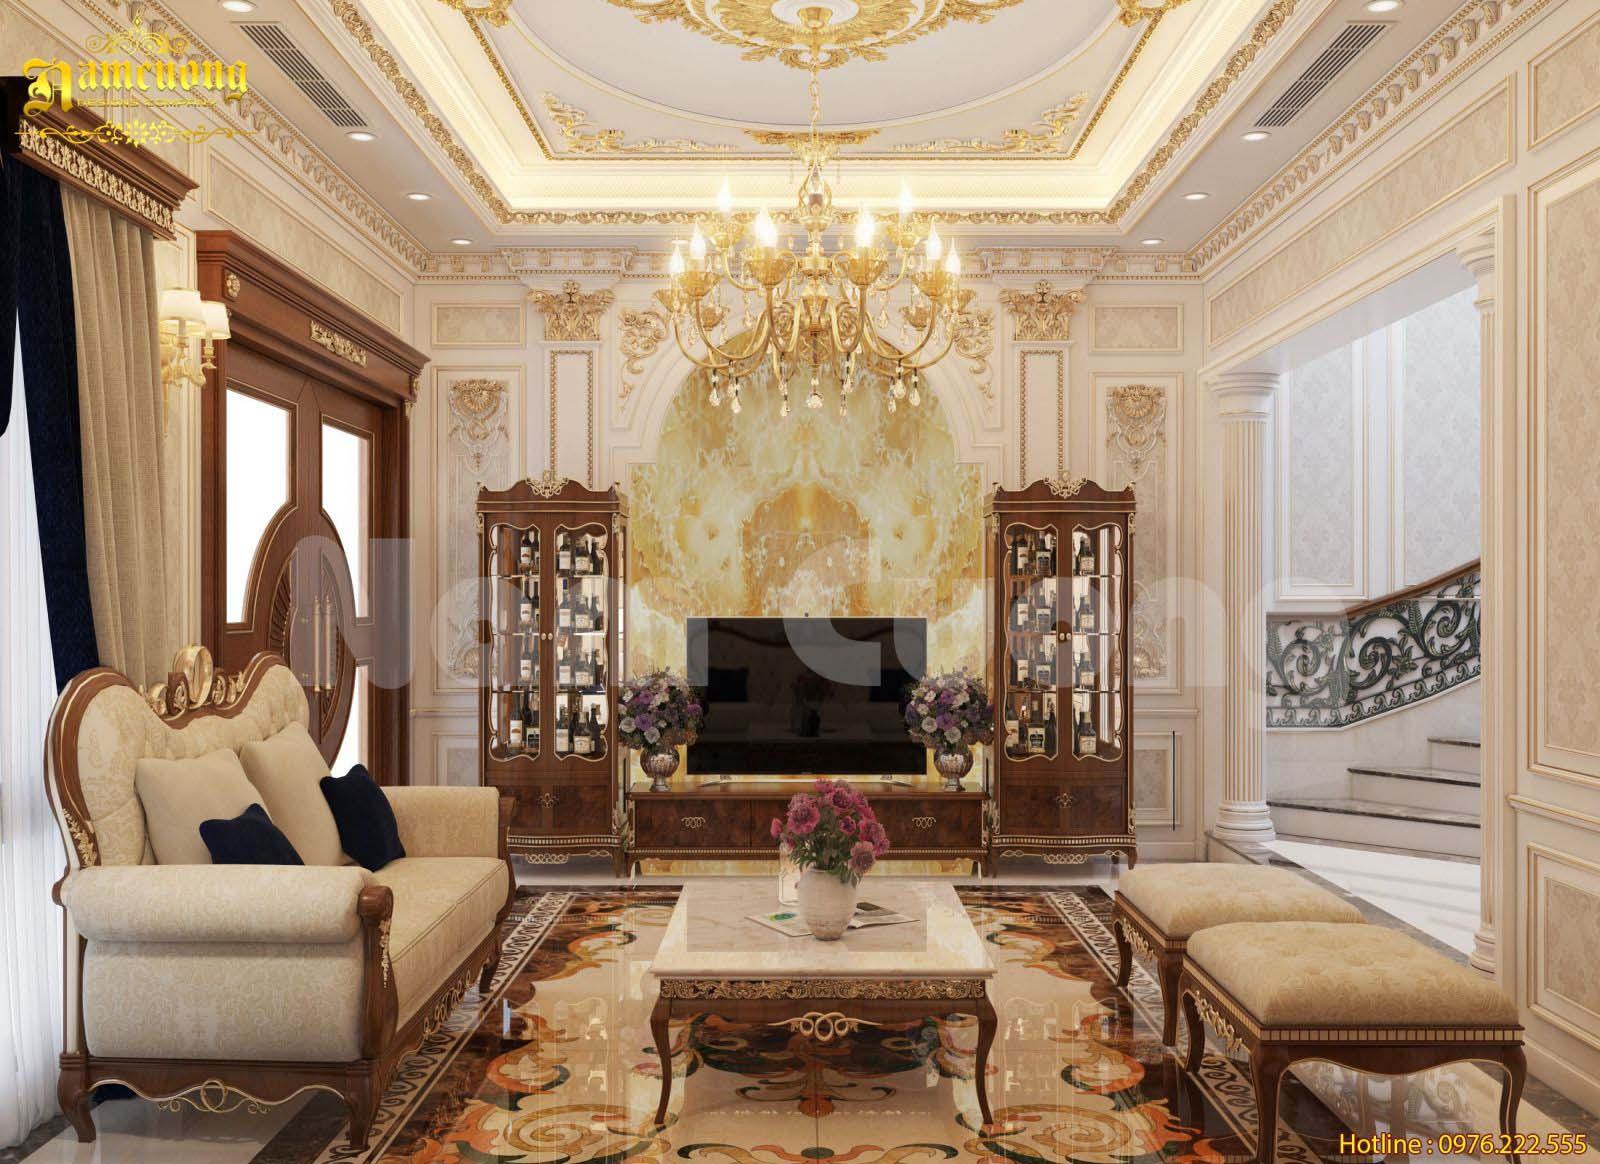 Thiết kế nội thất khách bếp tân cổ điển cho biệt thự kiểu Pháp